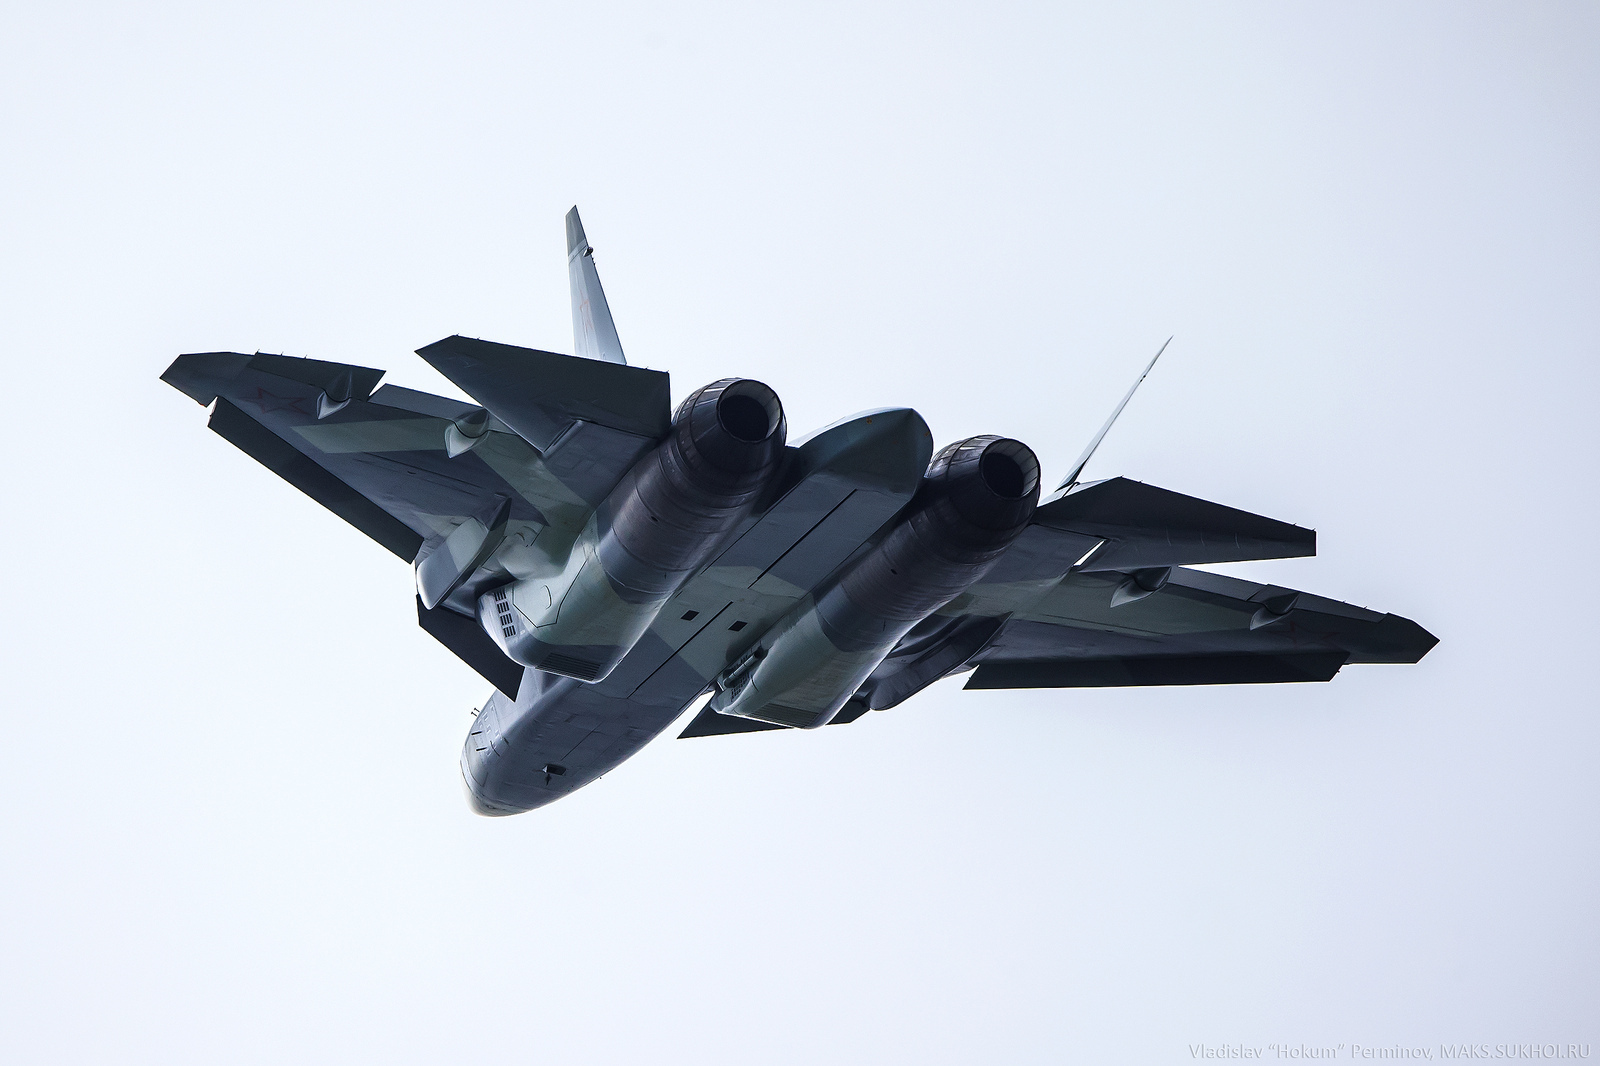 亚博vip升级英国向安理会状告普京参与化武计划 俄罗斯震怒